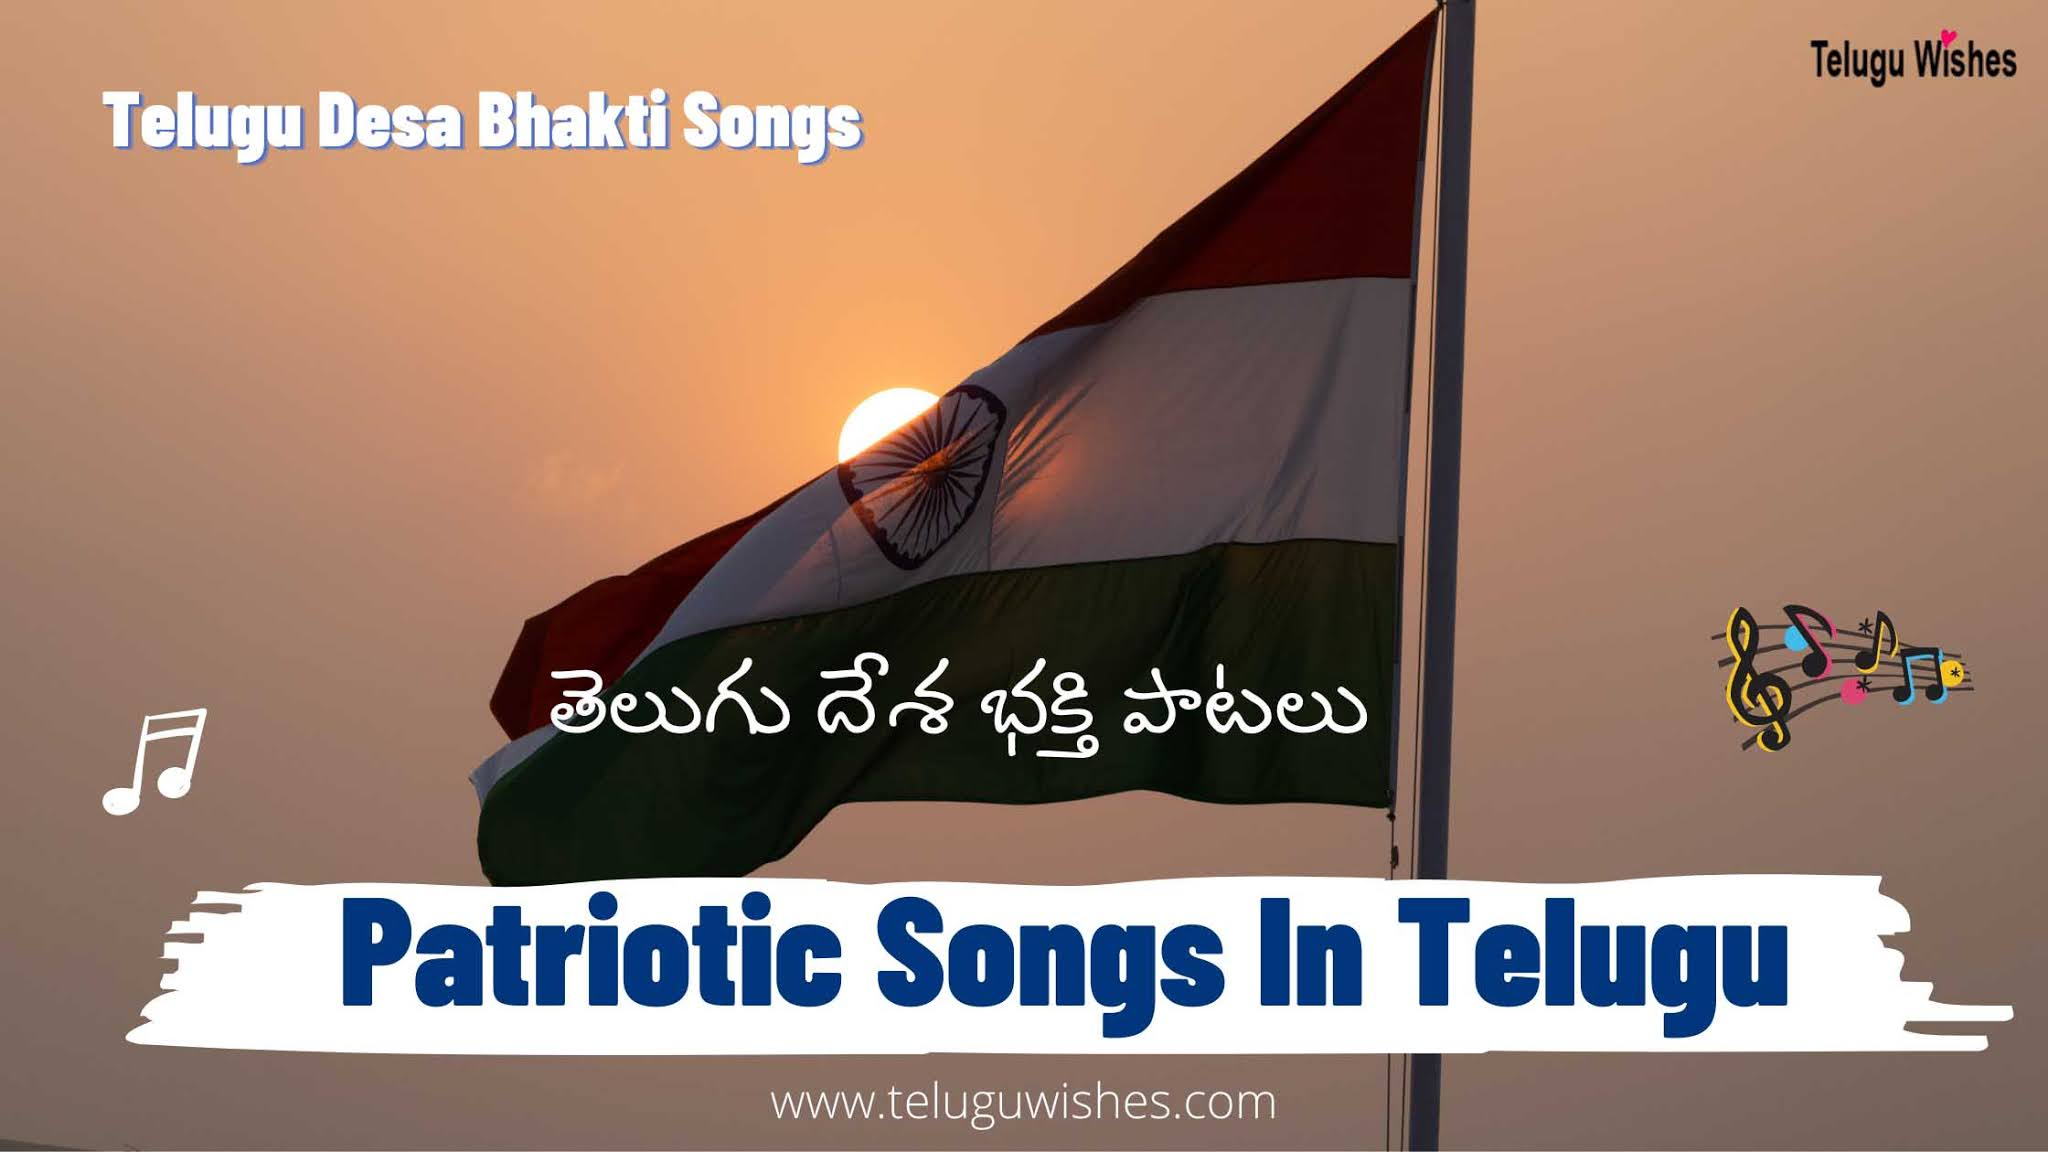 Patriotic Songs In Telugu